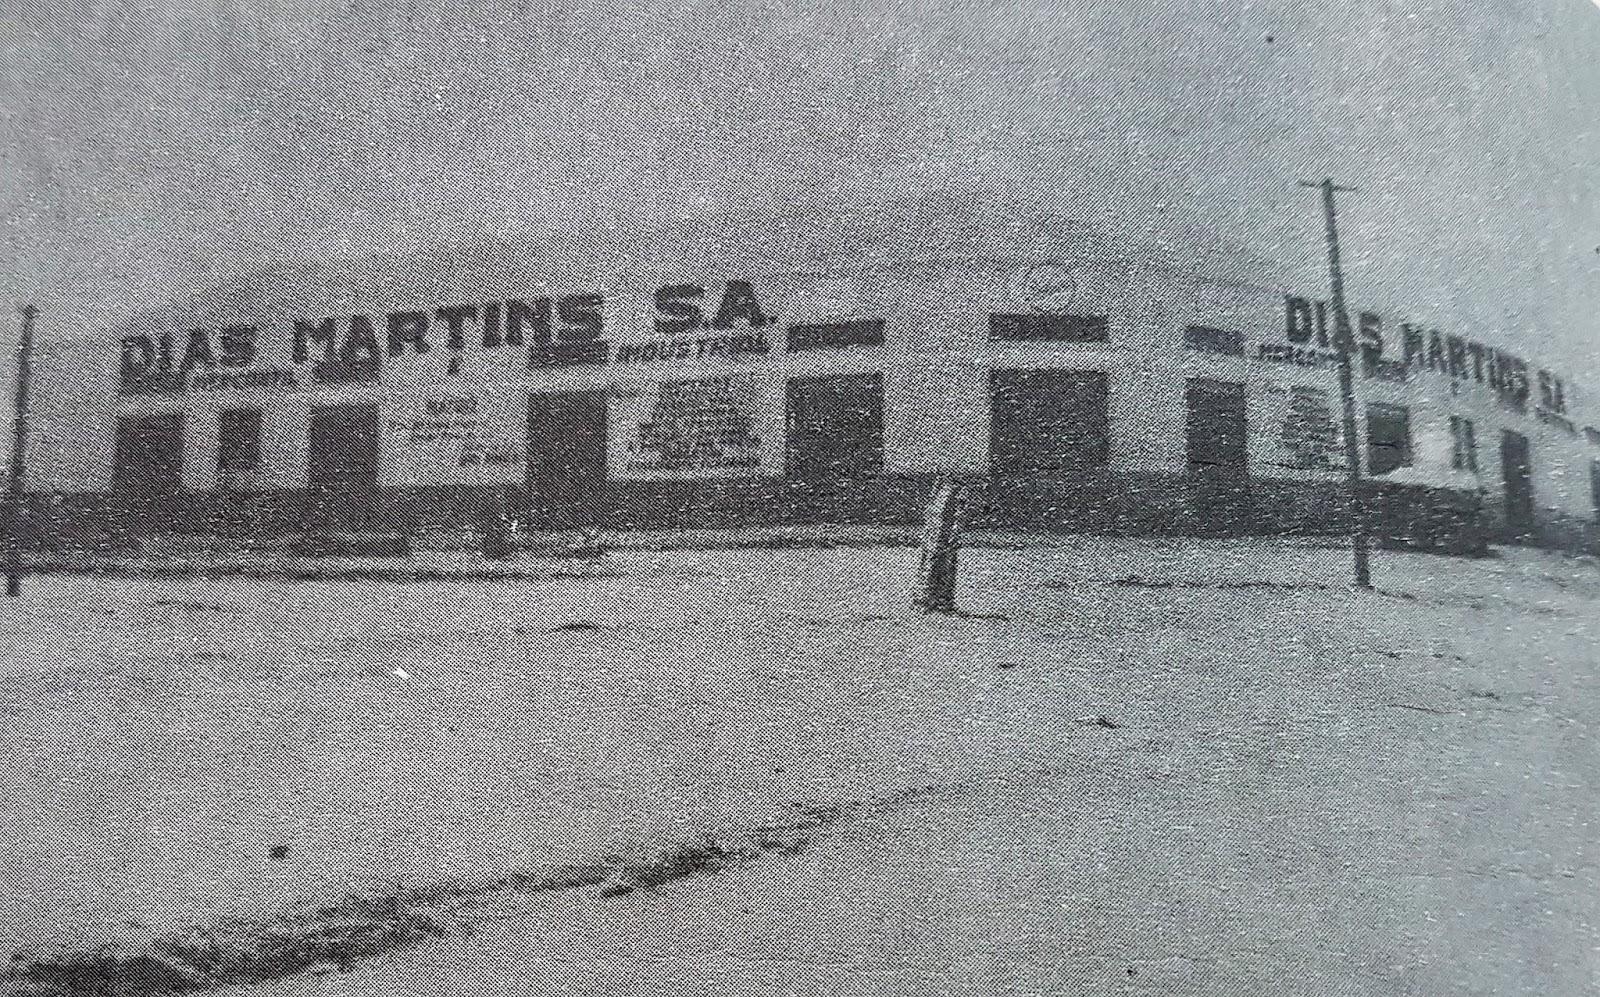 Dias Martins - 1953